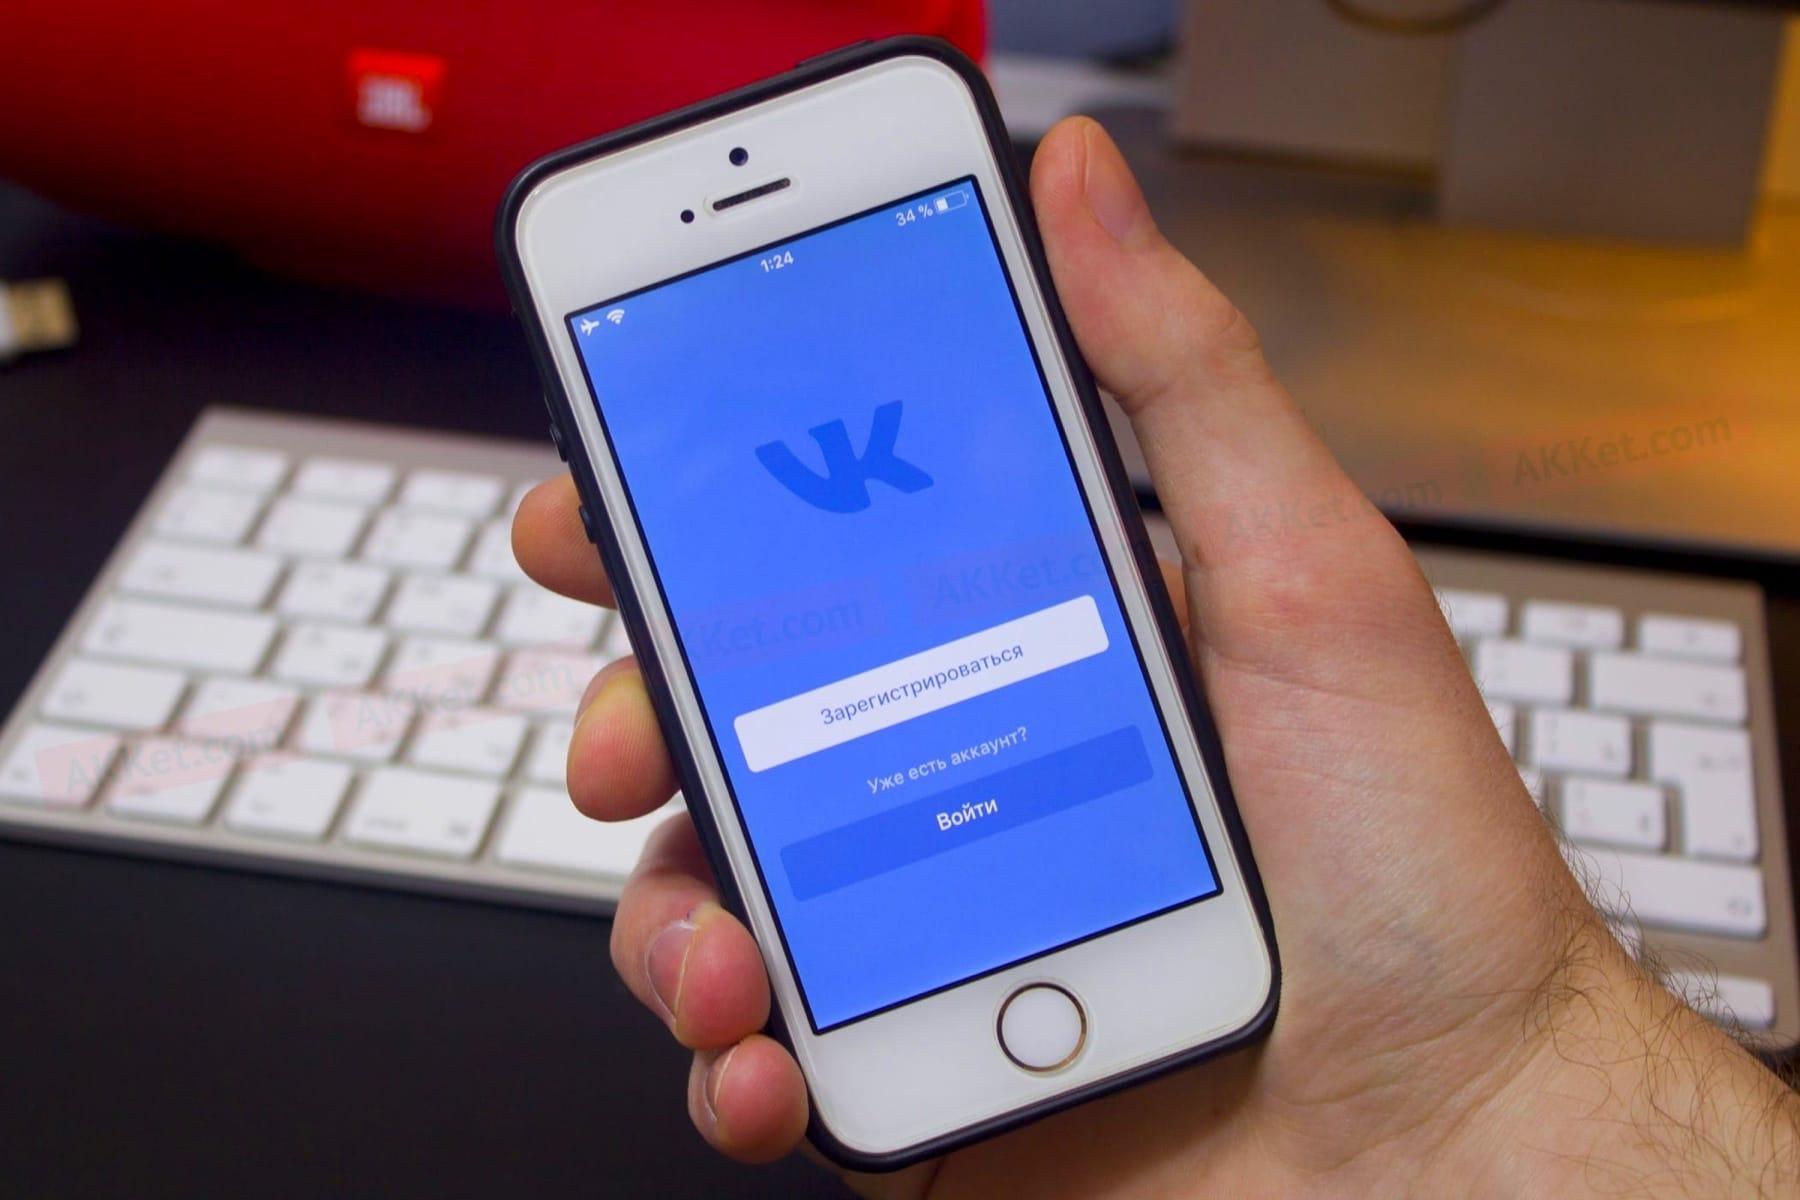 1 Соцсеть ВКонтакте встала на защиту пользовательских данных. Все очень серьезно